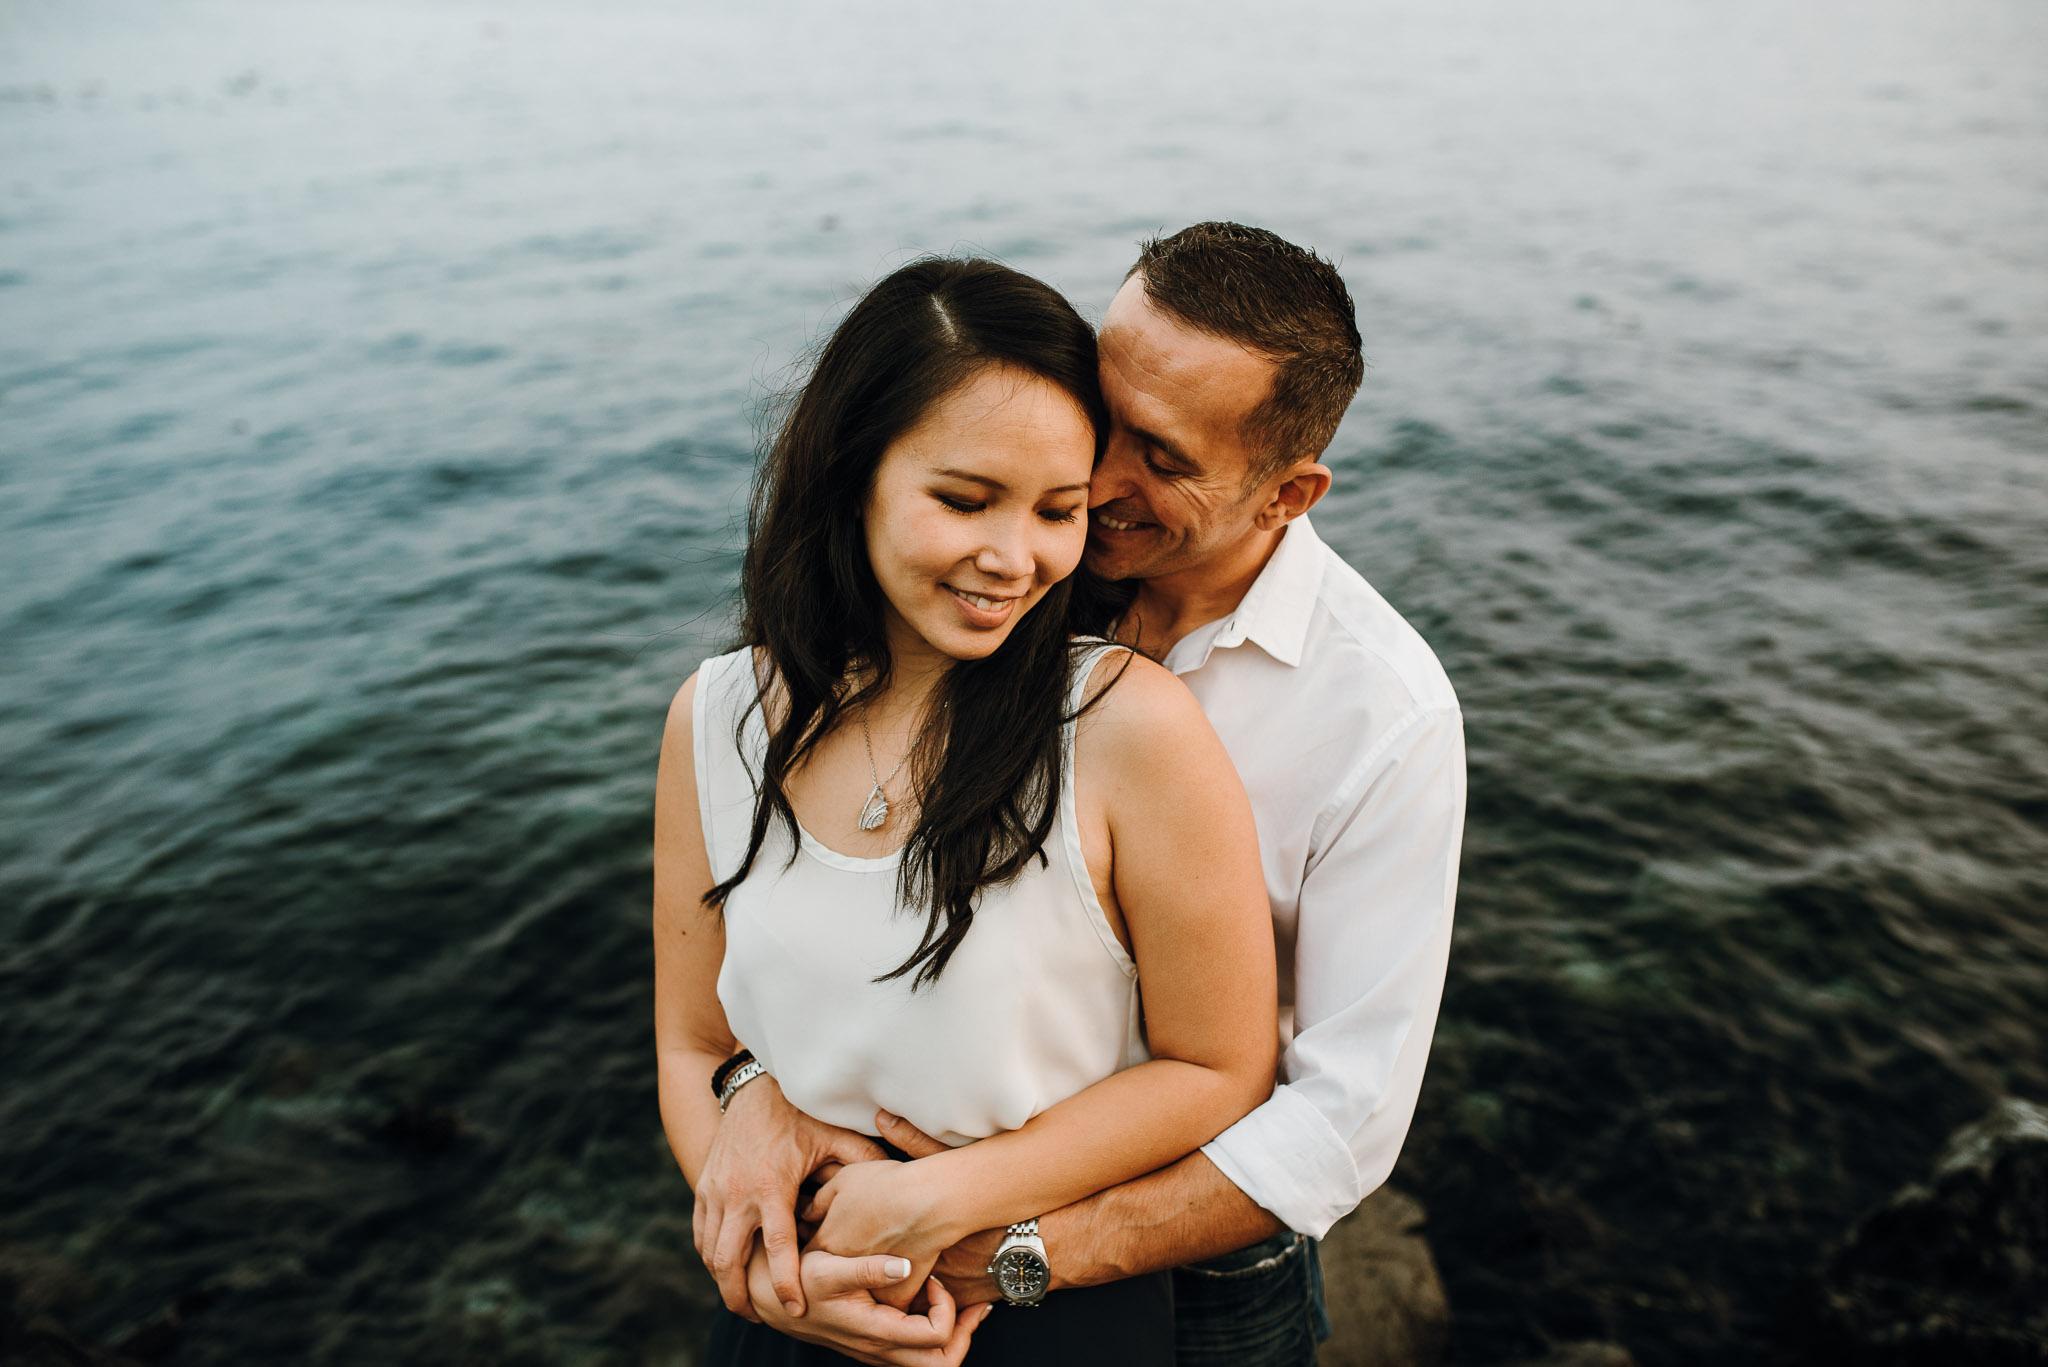 Myrtle-Edwards-Park-Engagement-Seattle-Washington10.jpg